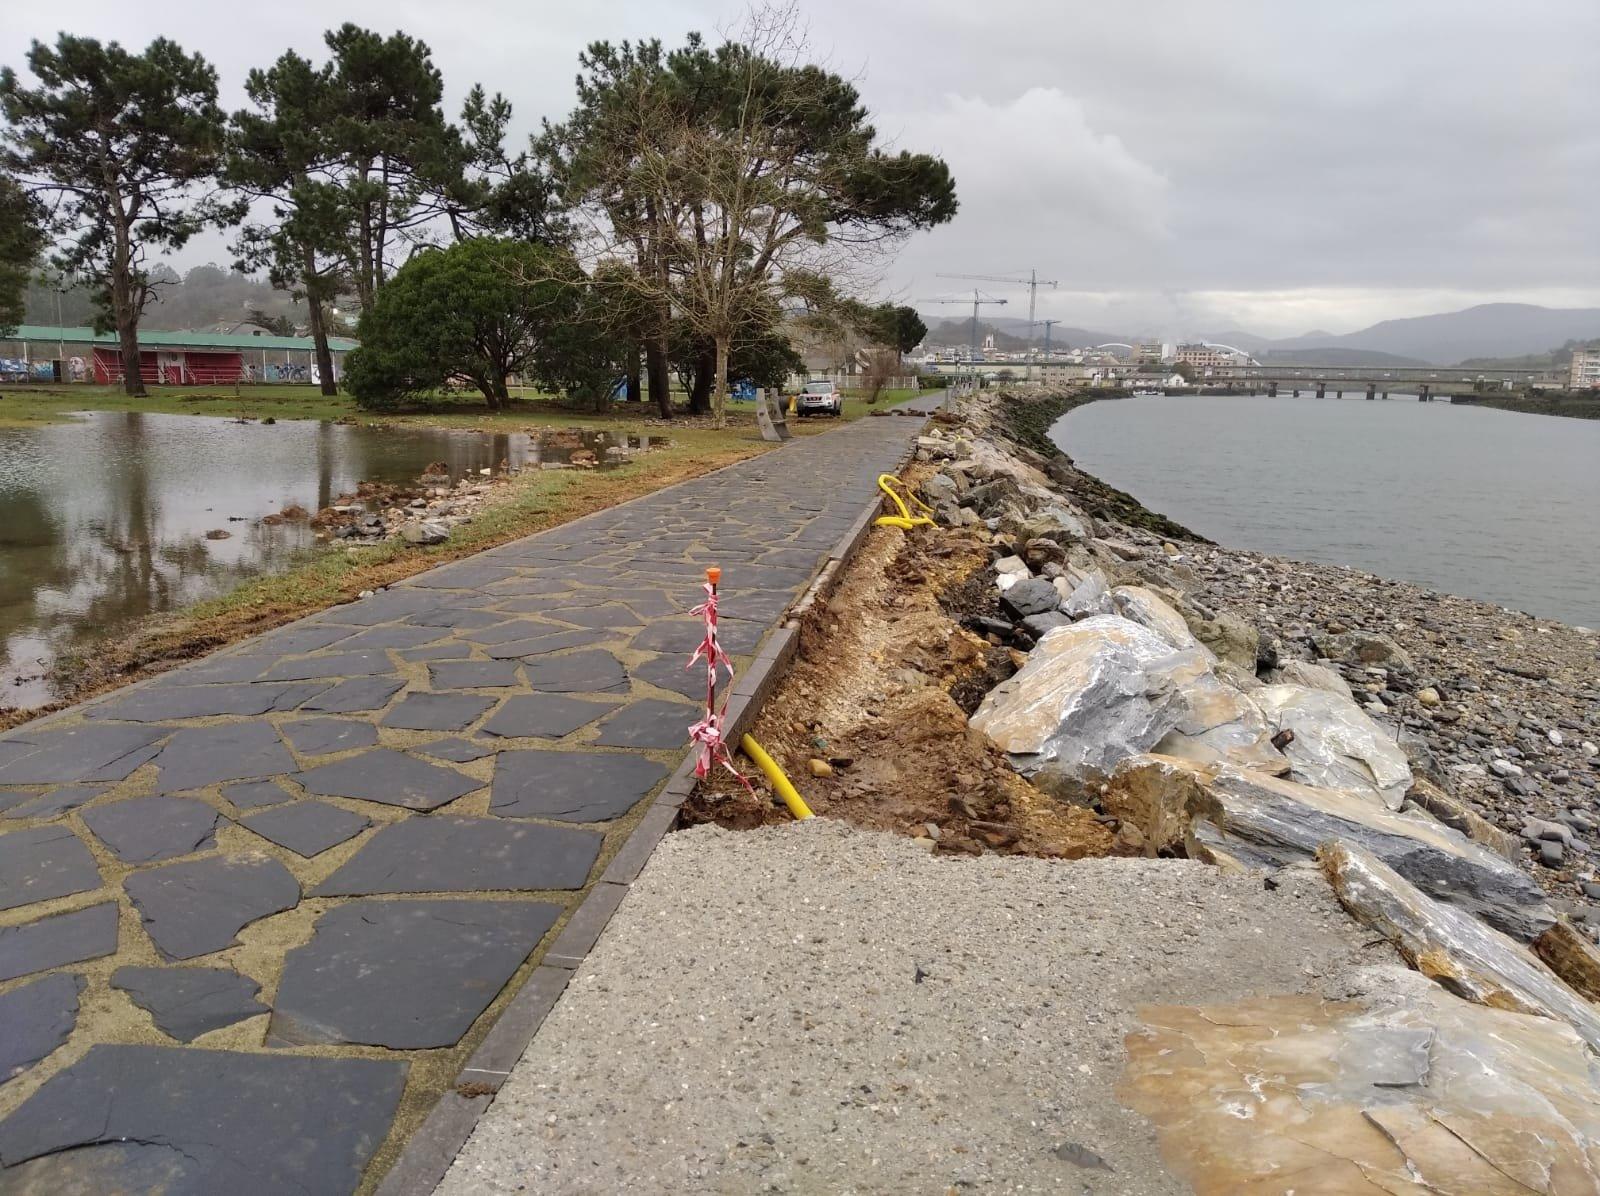 Nuevos desperfectos en la zona del espigón, la Poza y el paseo marítimo de Navia